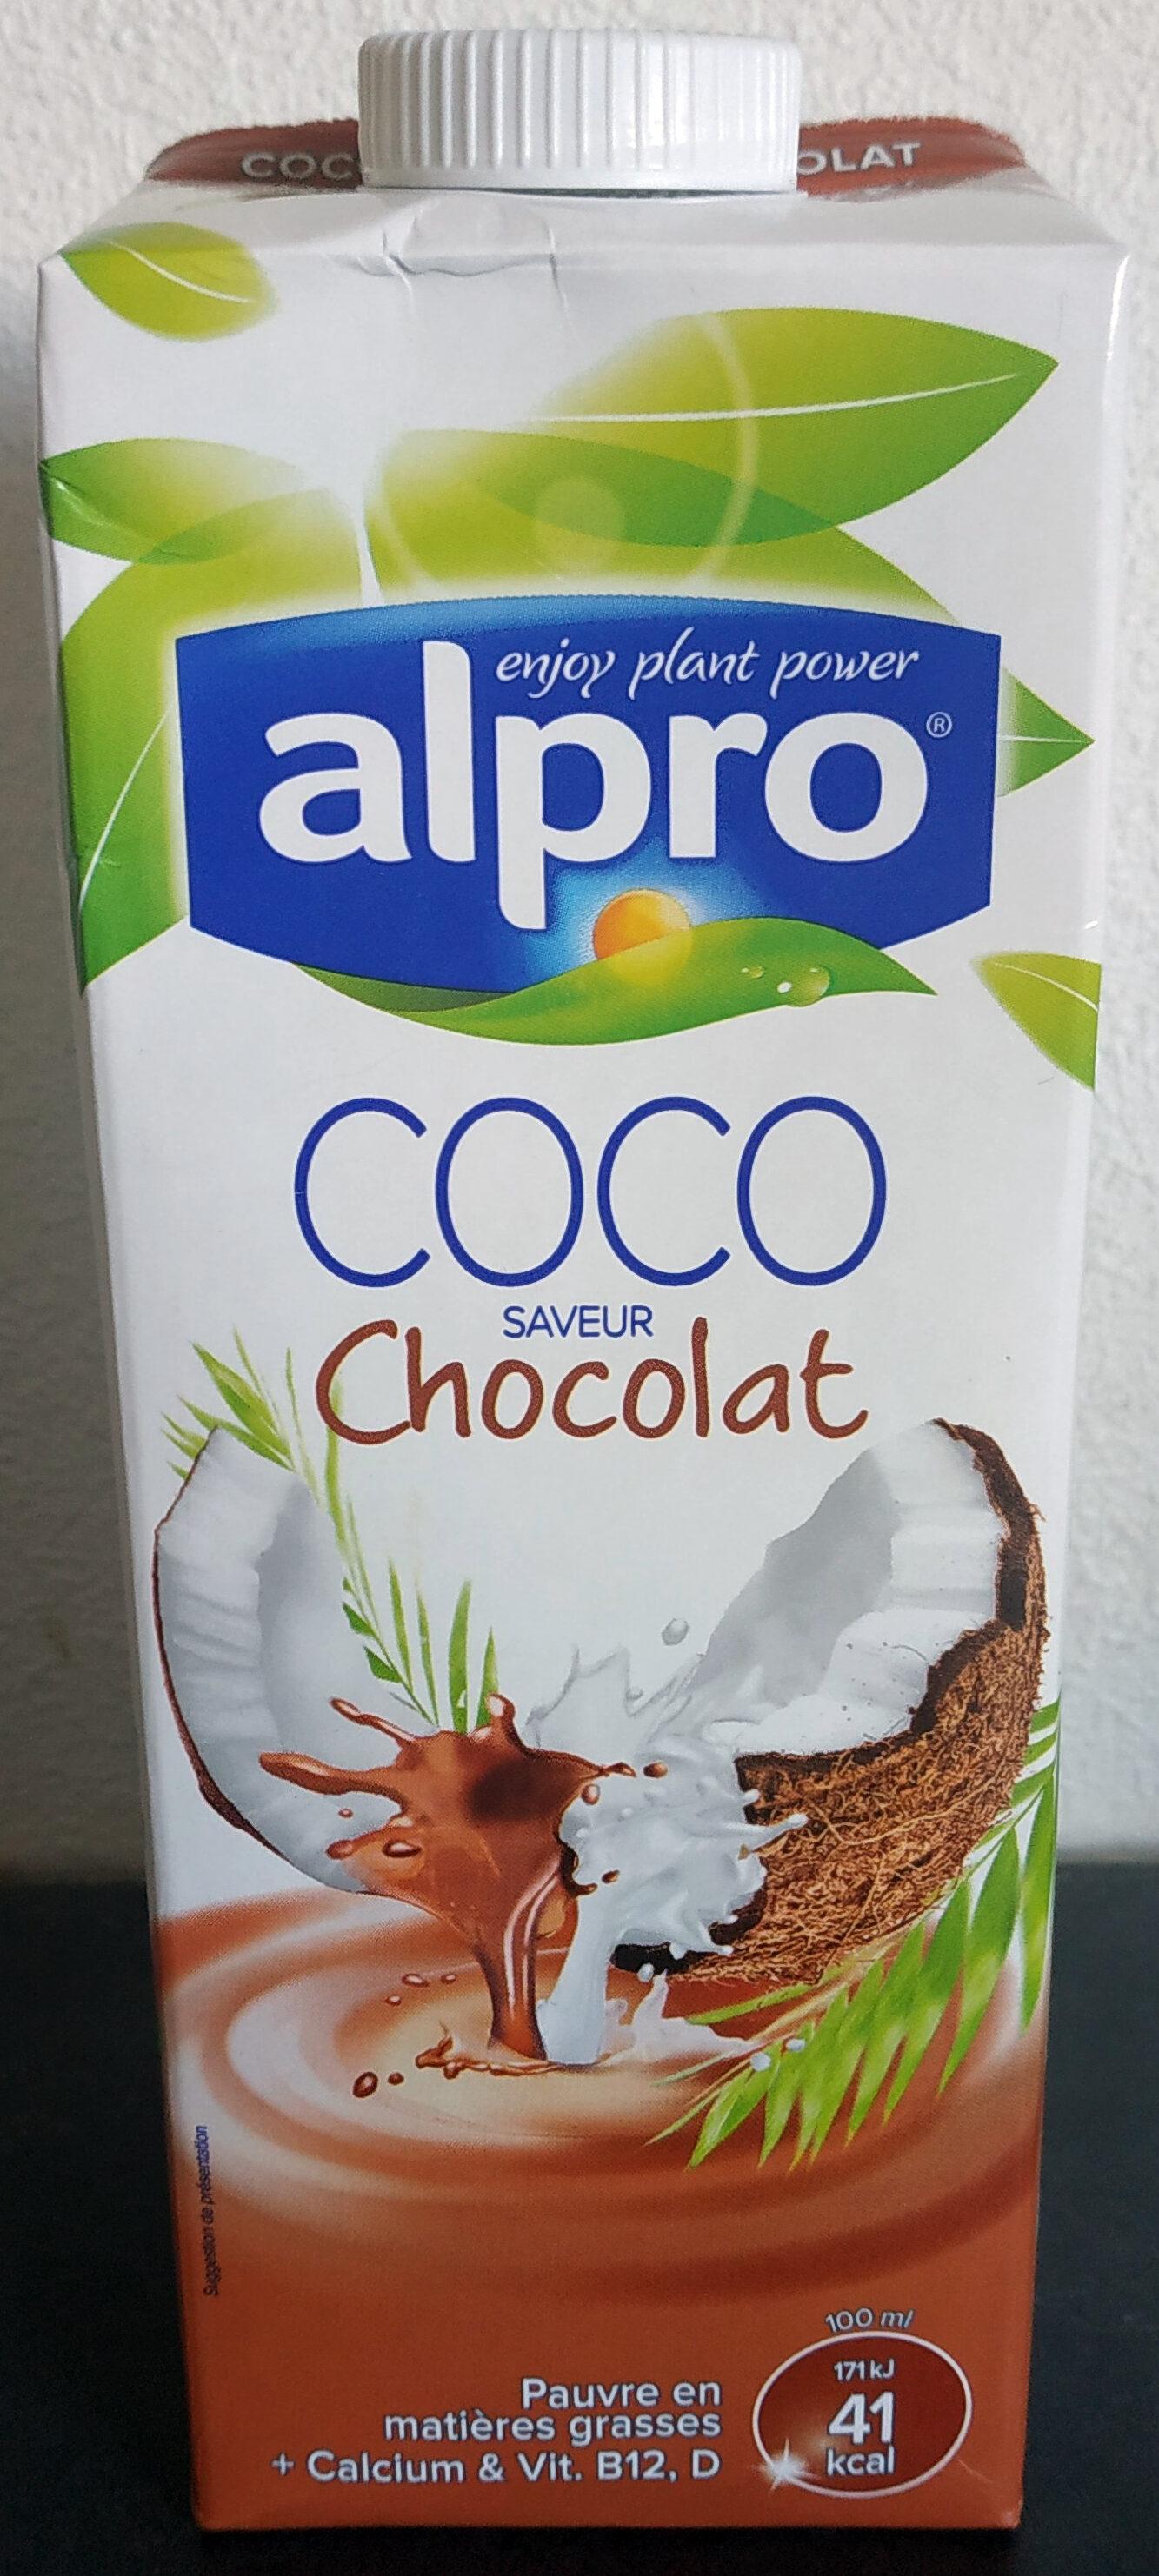 Boisson Coco saveur Chocolat - Produit - fr